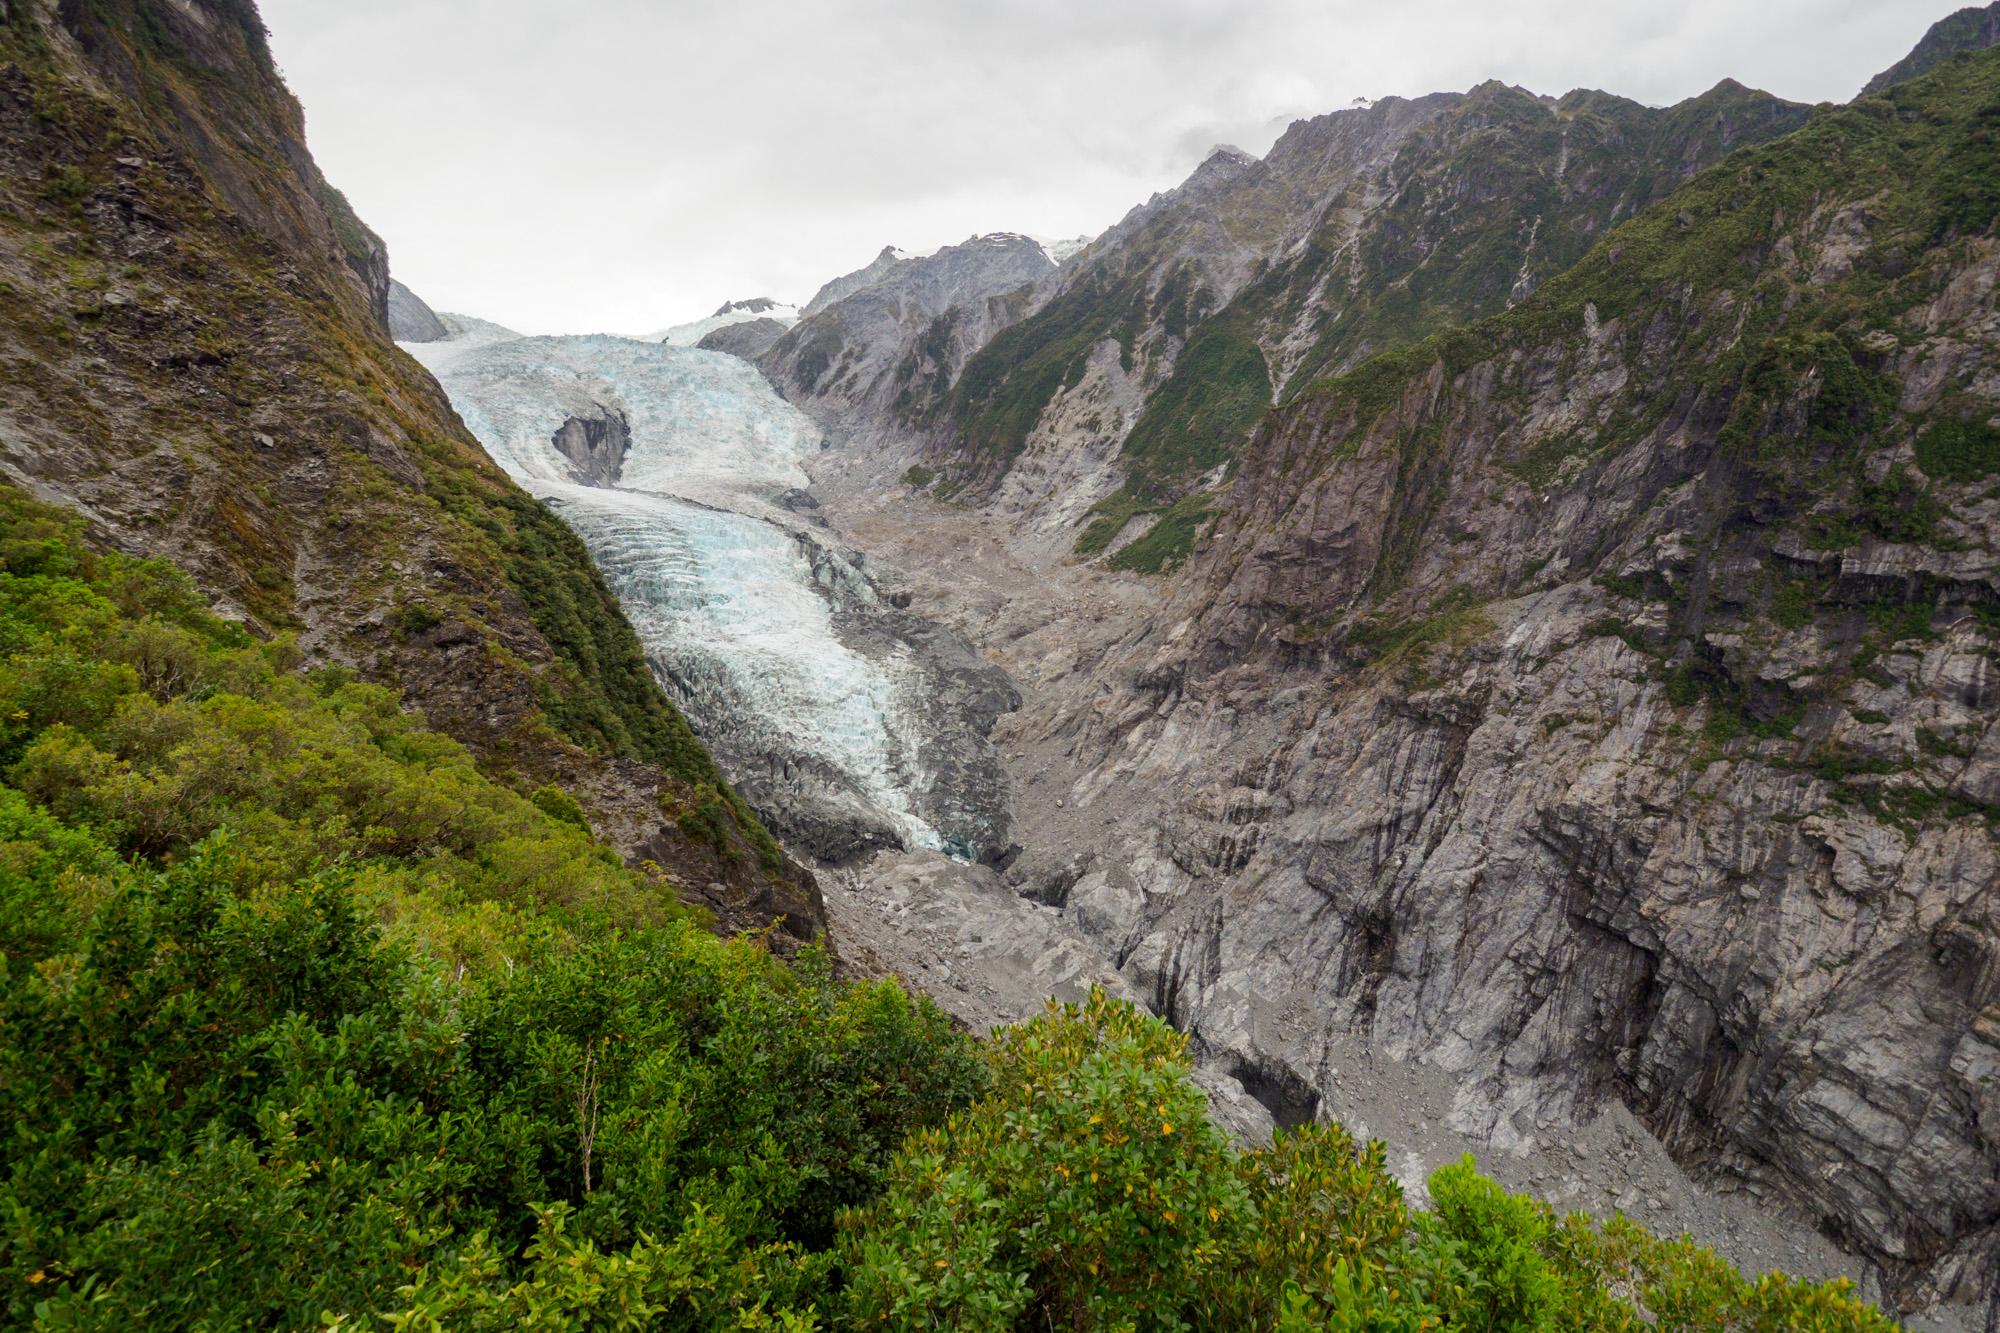 Westküste - Aussicht vom Roberts Point auf den Franz Joseph Glacier